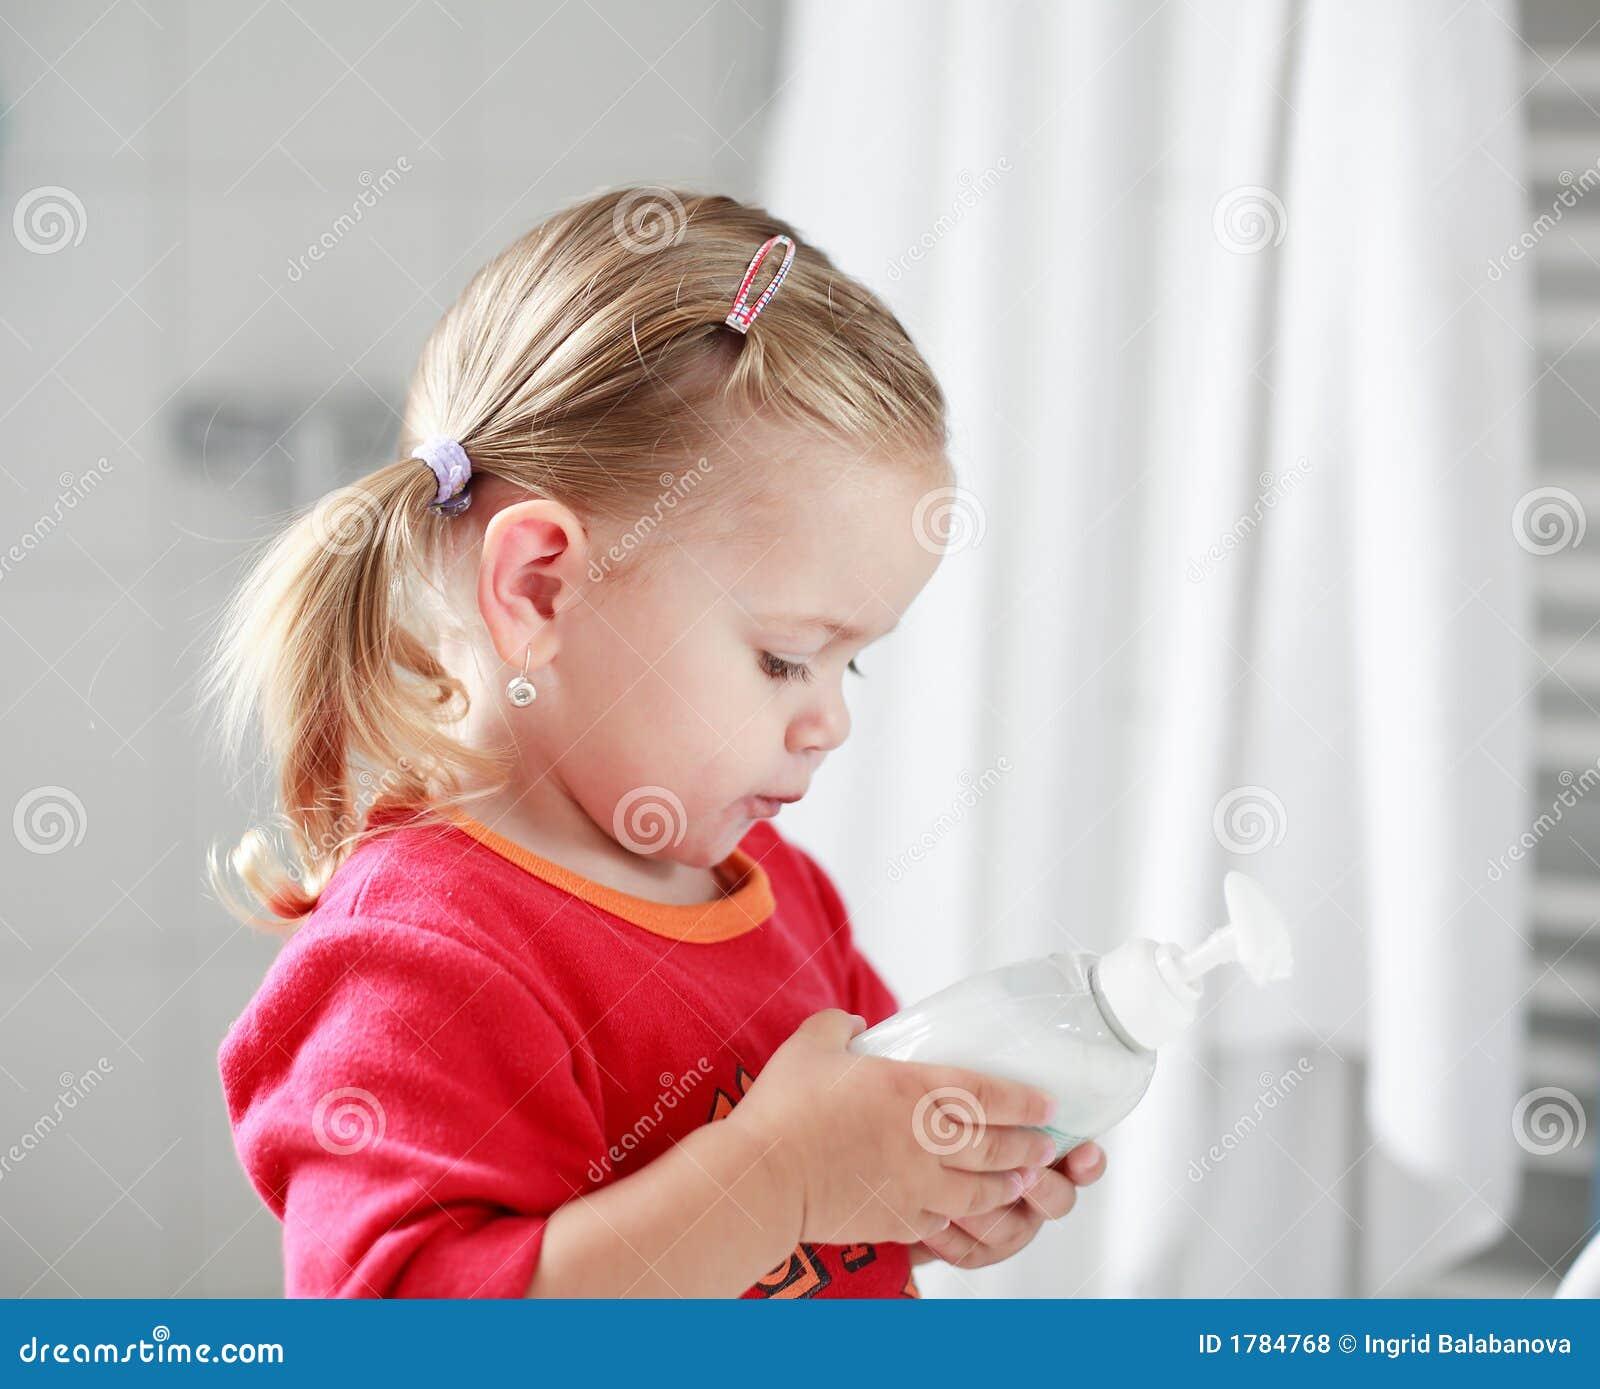 Klein meisje dat haar handen wast royalty vrije stock foto 39 s beeld 1784768 for Kamer voor een klein meisje